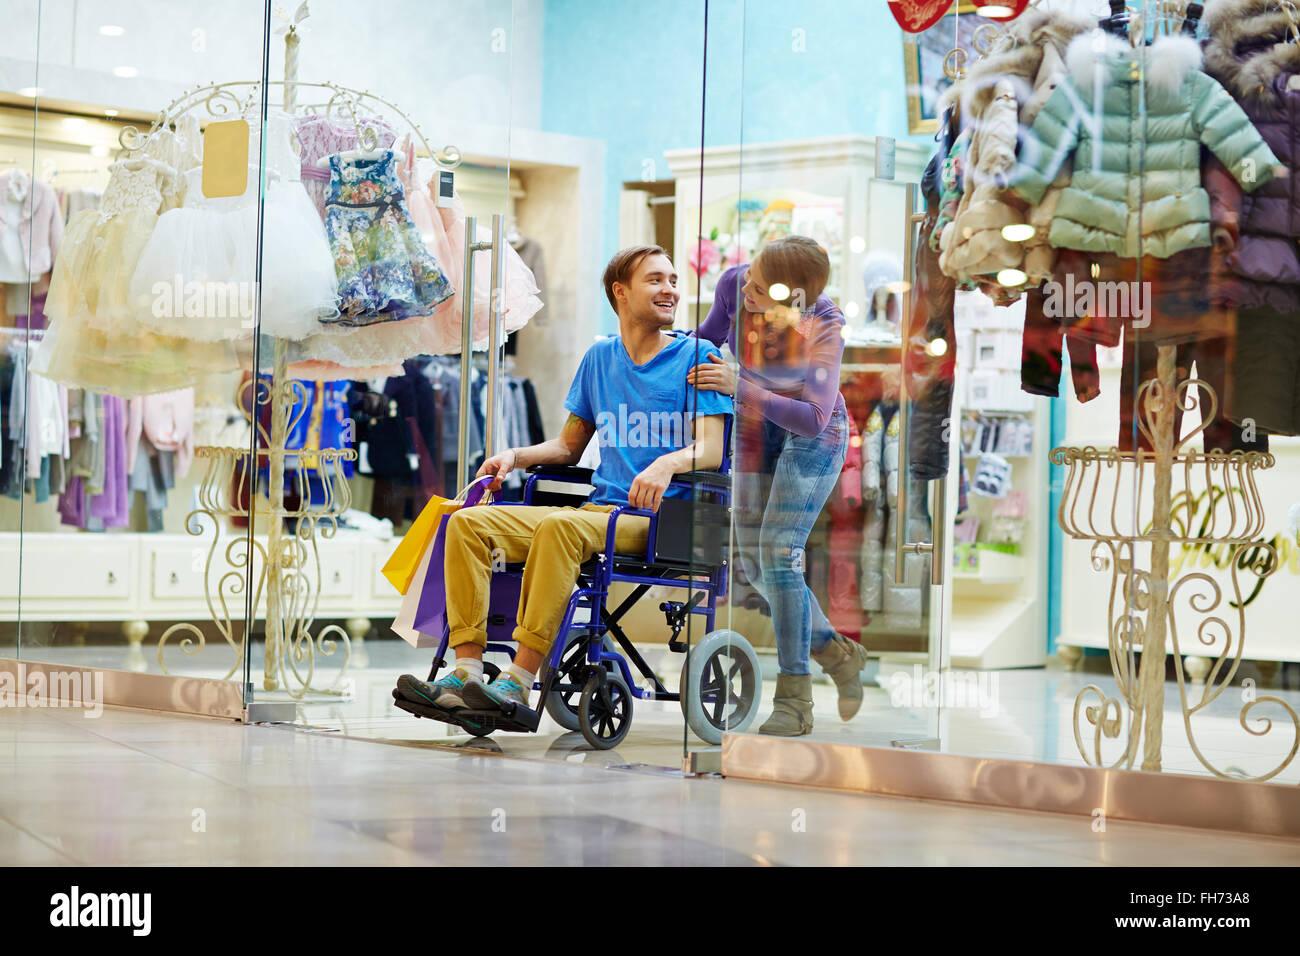 Fürsorgliche Mädchen und ihr deaktivieren Freund besuchen Kleidung-Abteilung in der mall Stockbild